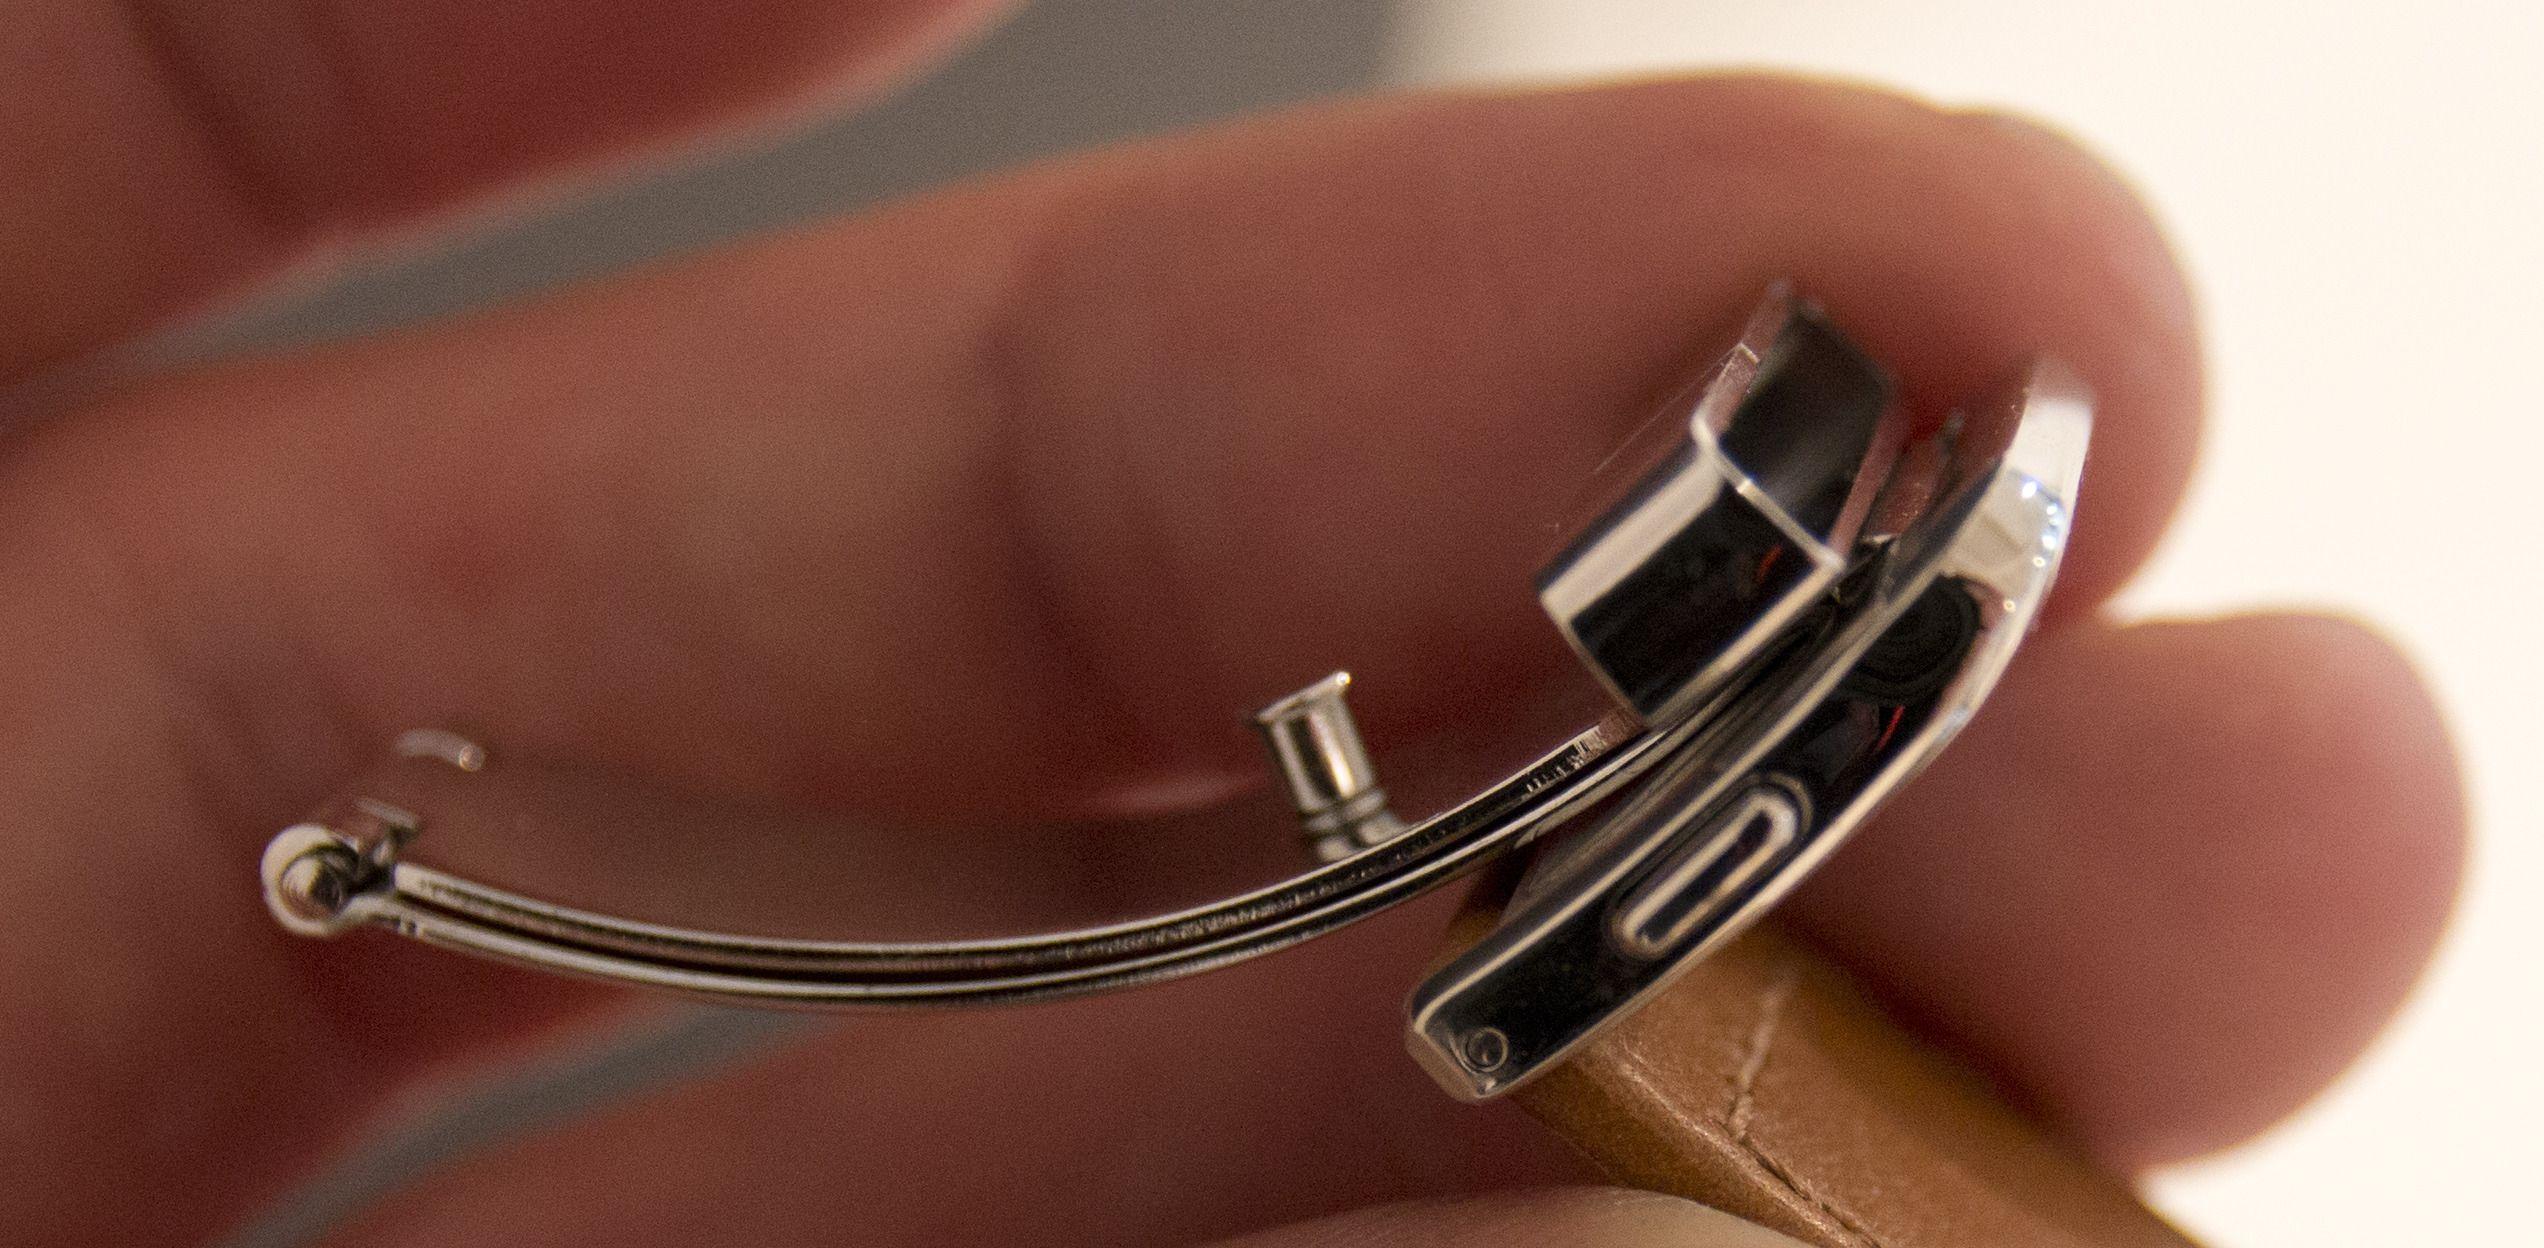 Solid lås og rem.Foto: Rolf B. Wegner, Hardware.no